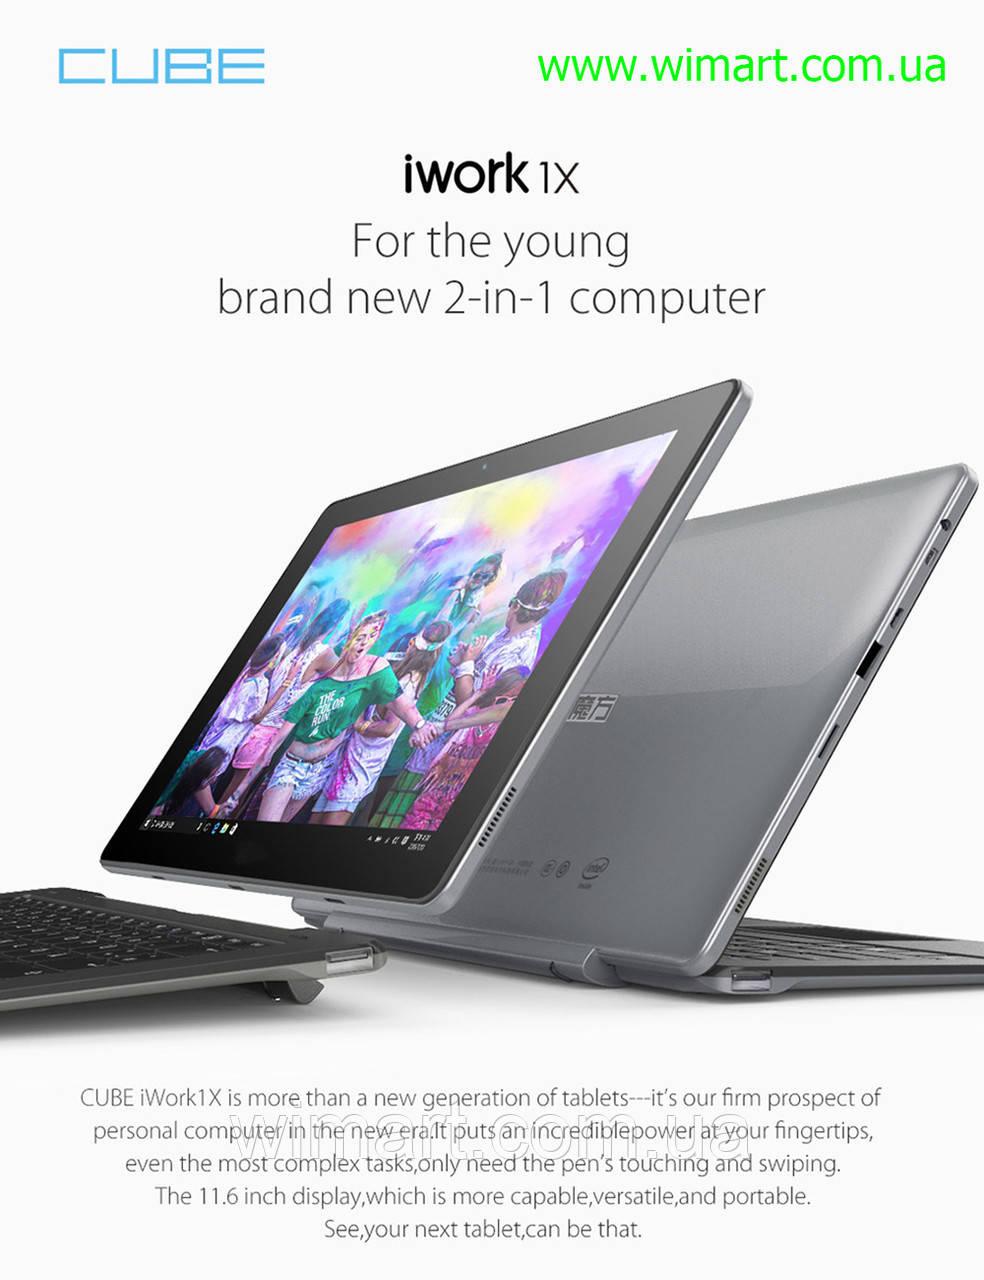 """Планшет Cube iWork1X (U116GT1) Intel Atom X5- Z8350 4GB/64GB Windows 10. - Интернет - магазин ноутбуков, планшетов, мобильных телефонов, смартфонов и аксессуаров """"WiMart"""" в Киеве"""